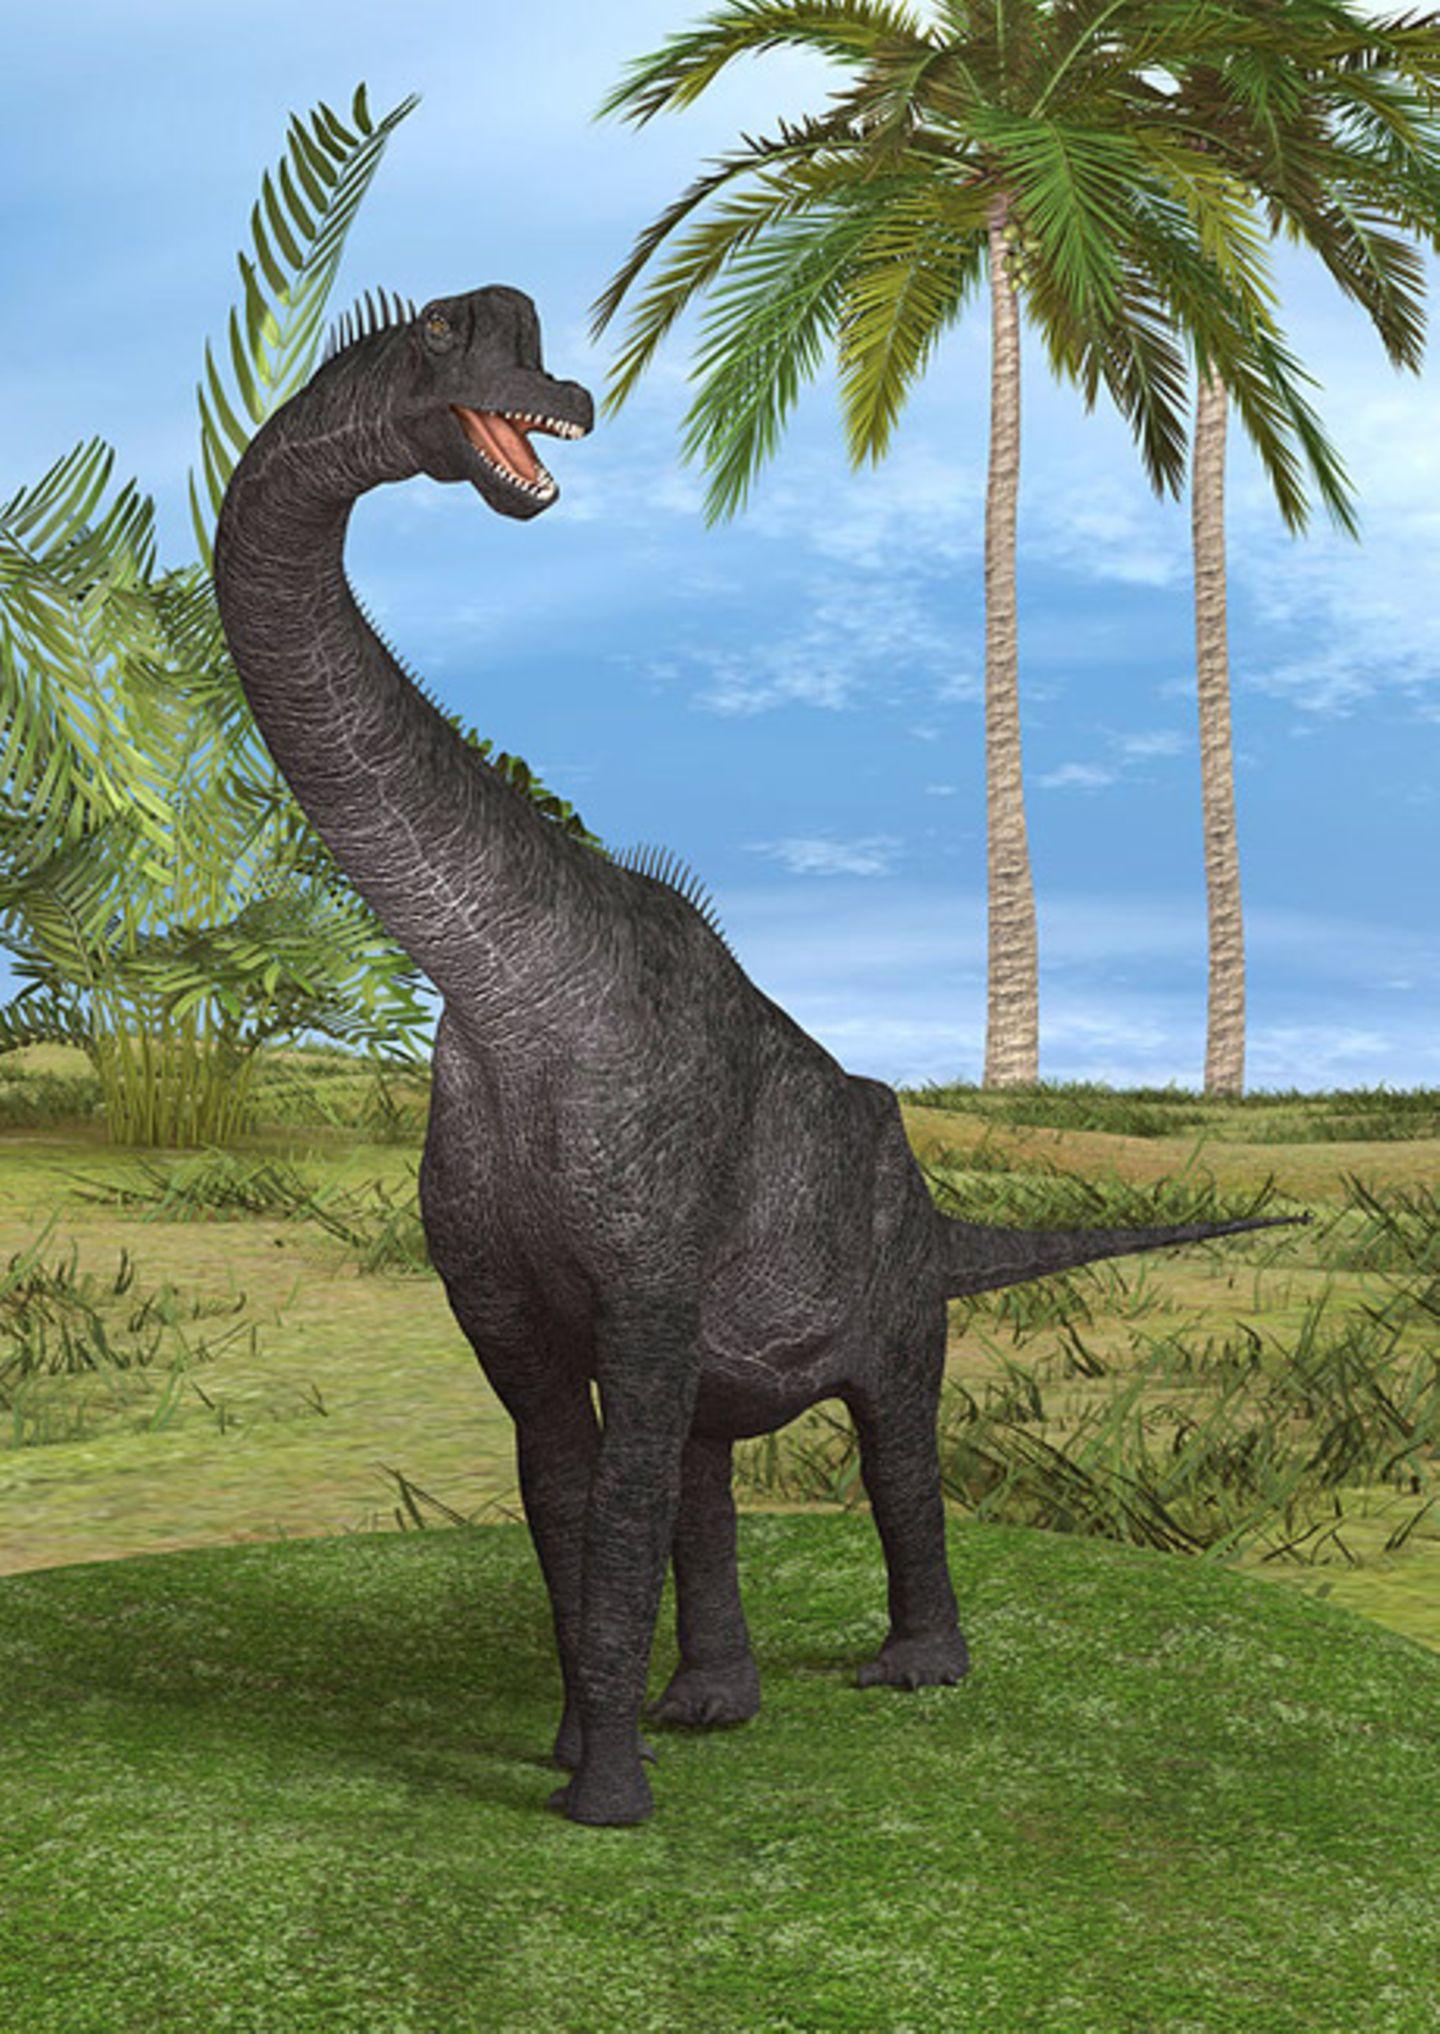 Tierlexikon: Der Brachiosaurus war ein Pflanzenfresser